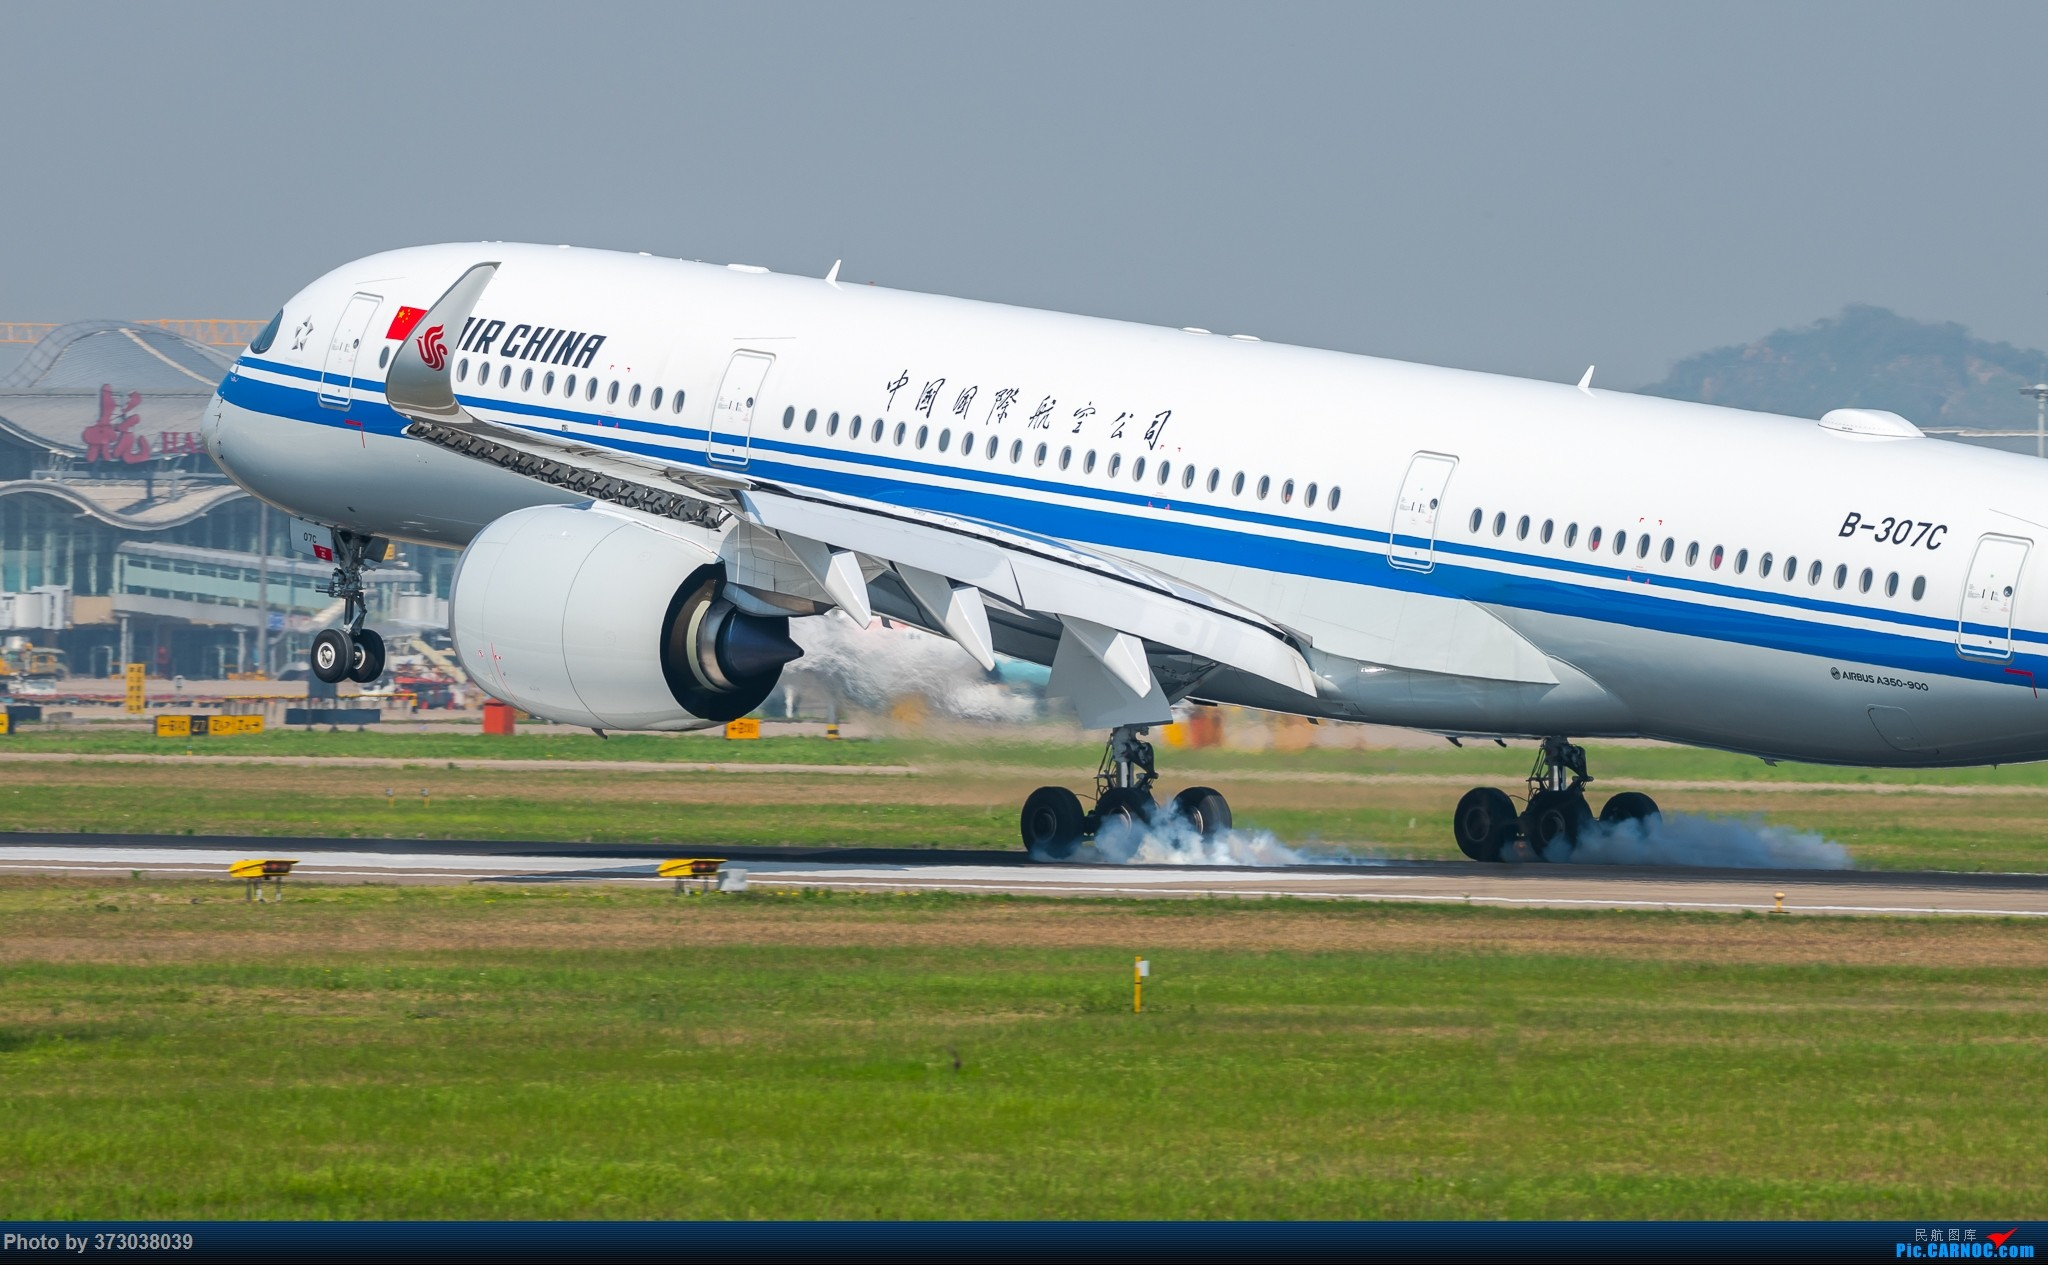 空客A350 落地杭州萧山国际机场,超清跟拍 AIRBUS A350-900 B-307C 中国杭州萧山国际机场